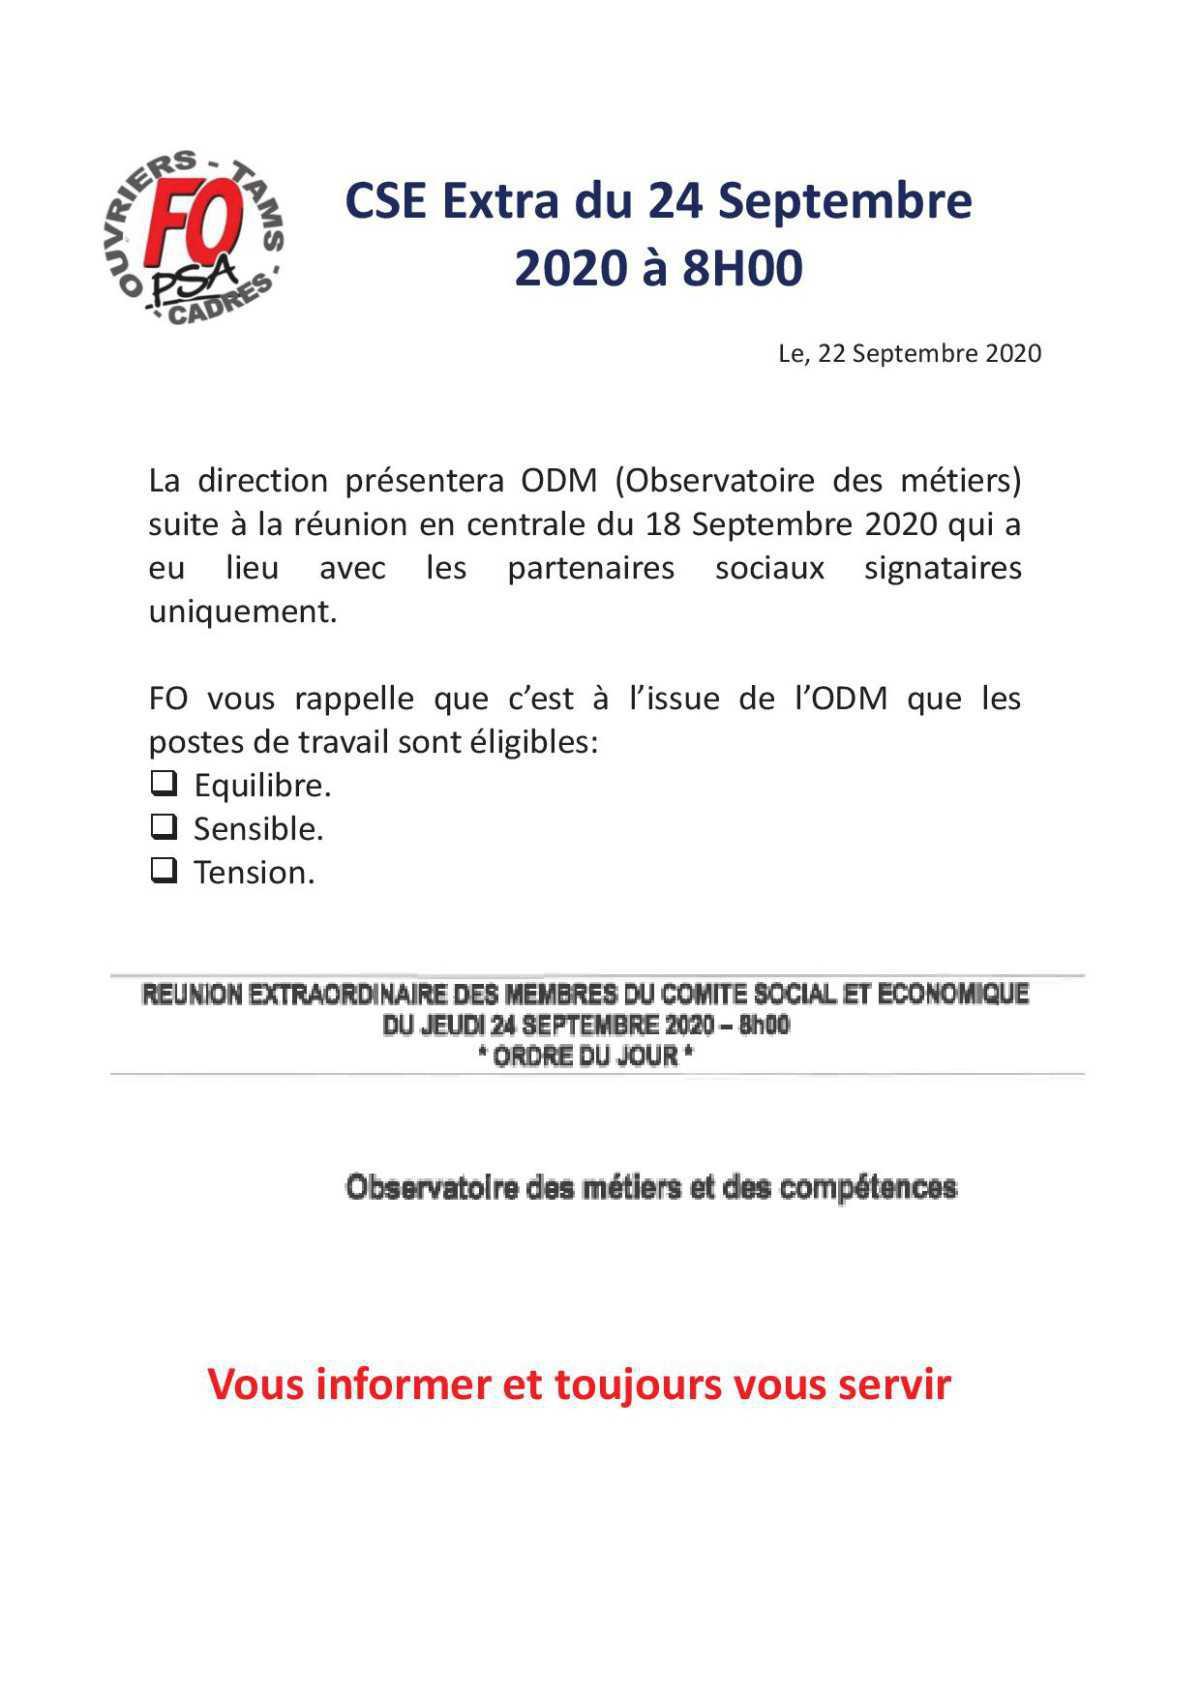 CSE Extra du 24 Septembre 2020 à 8H00.